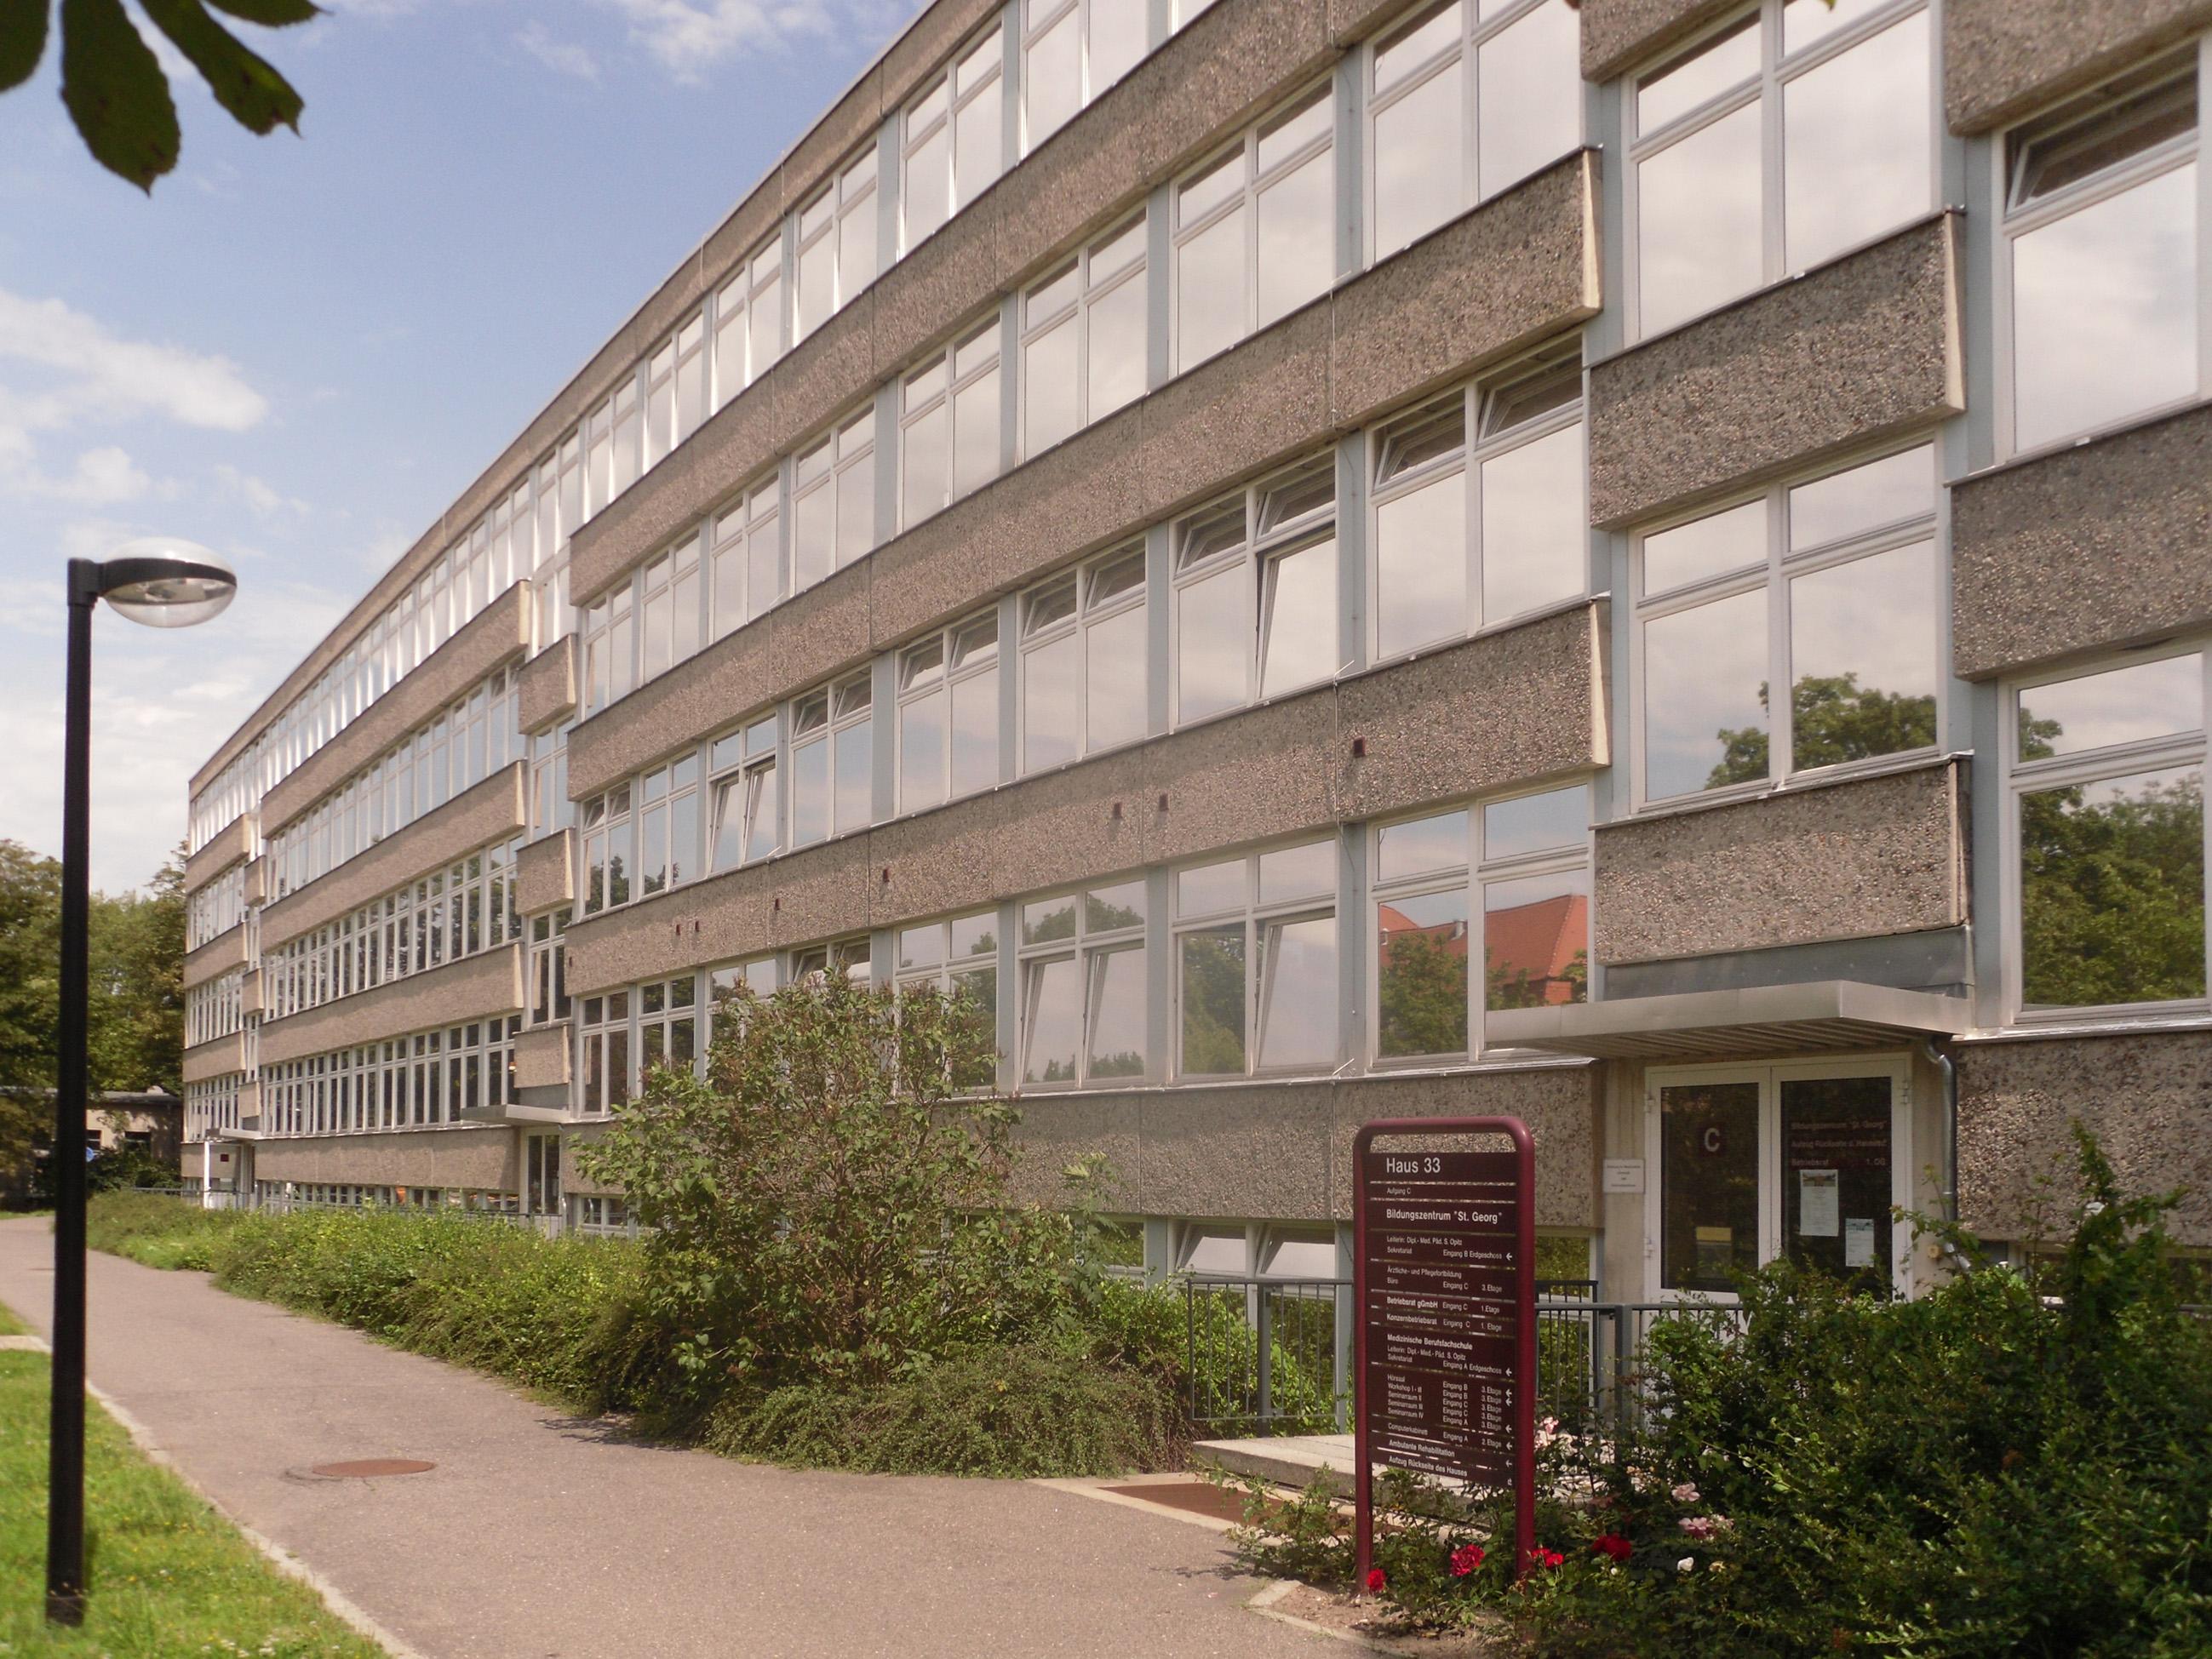 Medizinische Berufsfachschule Am Klinikum St Georg Ggmbh Der Stadt